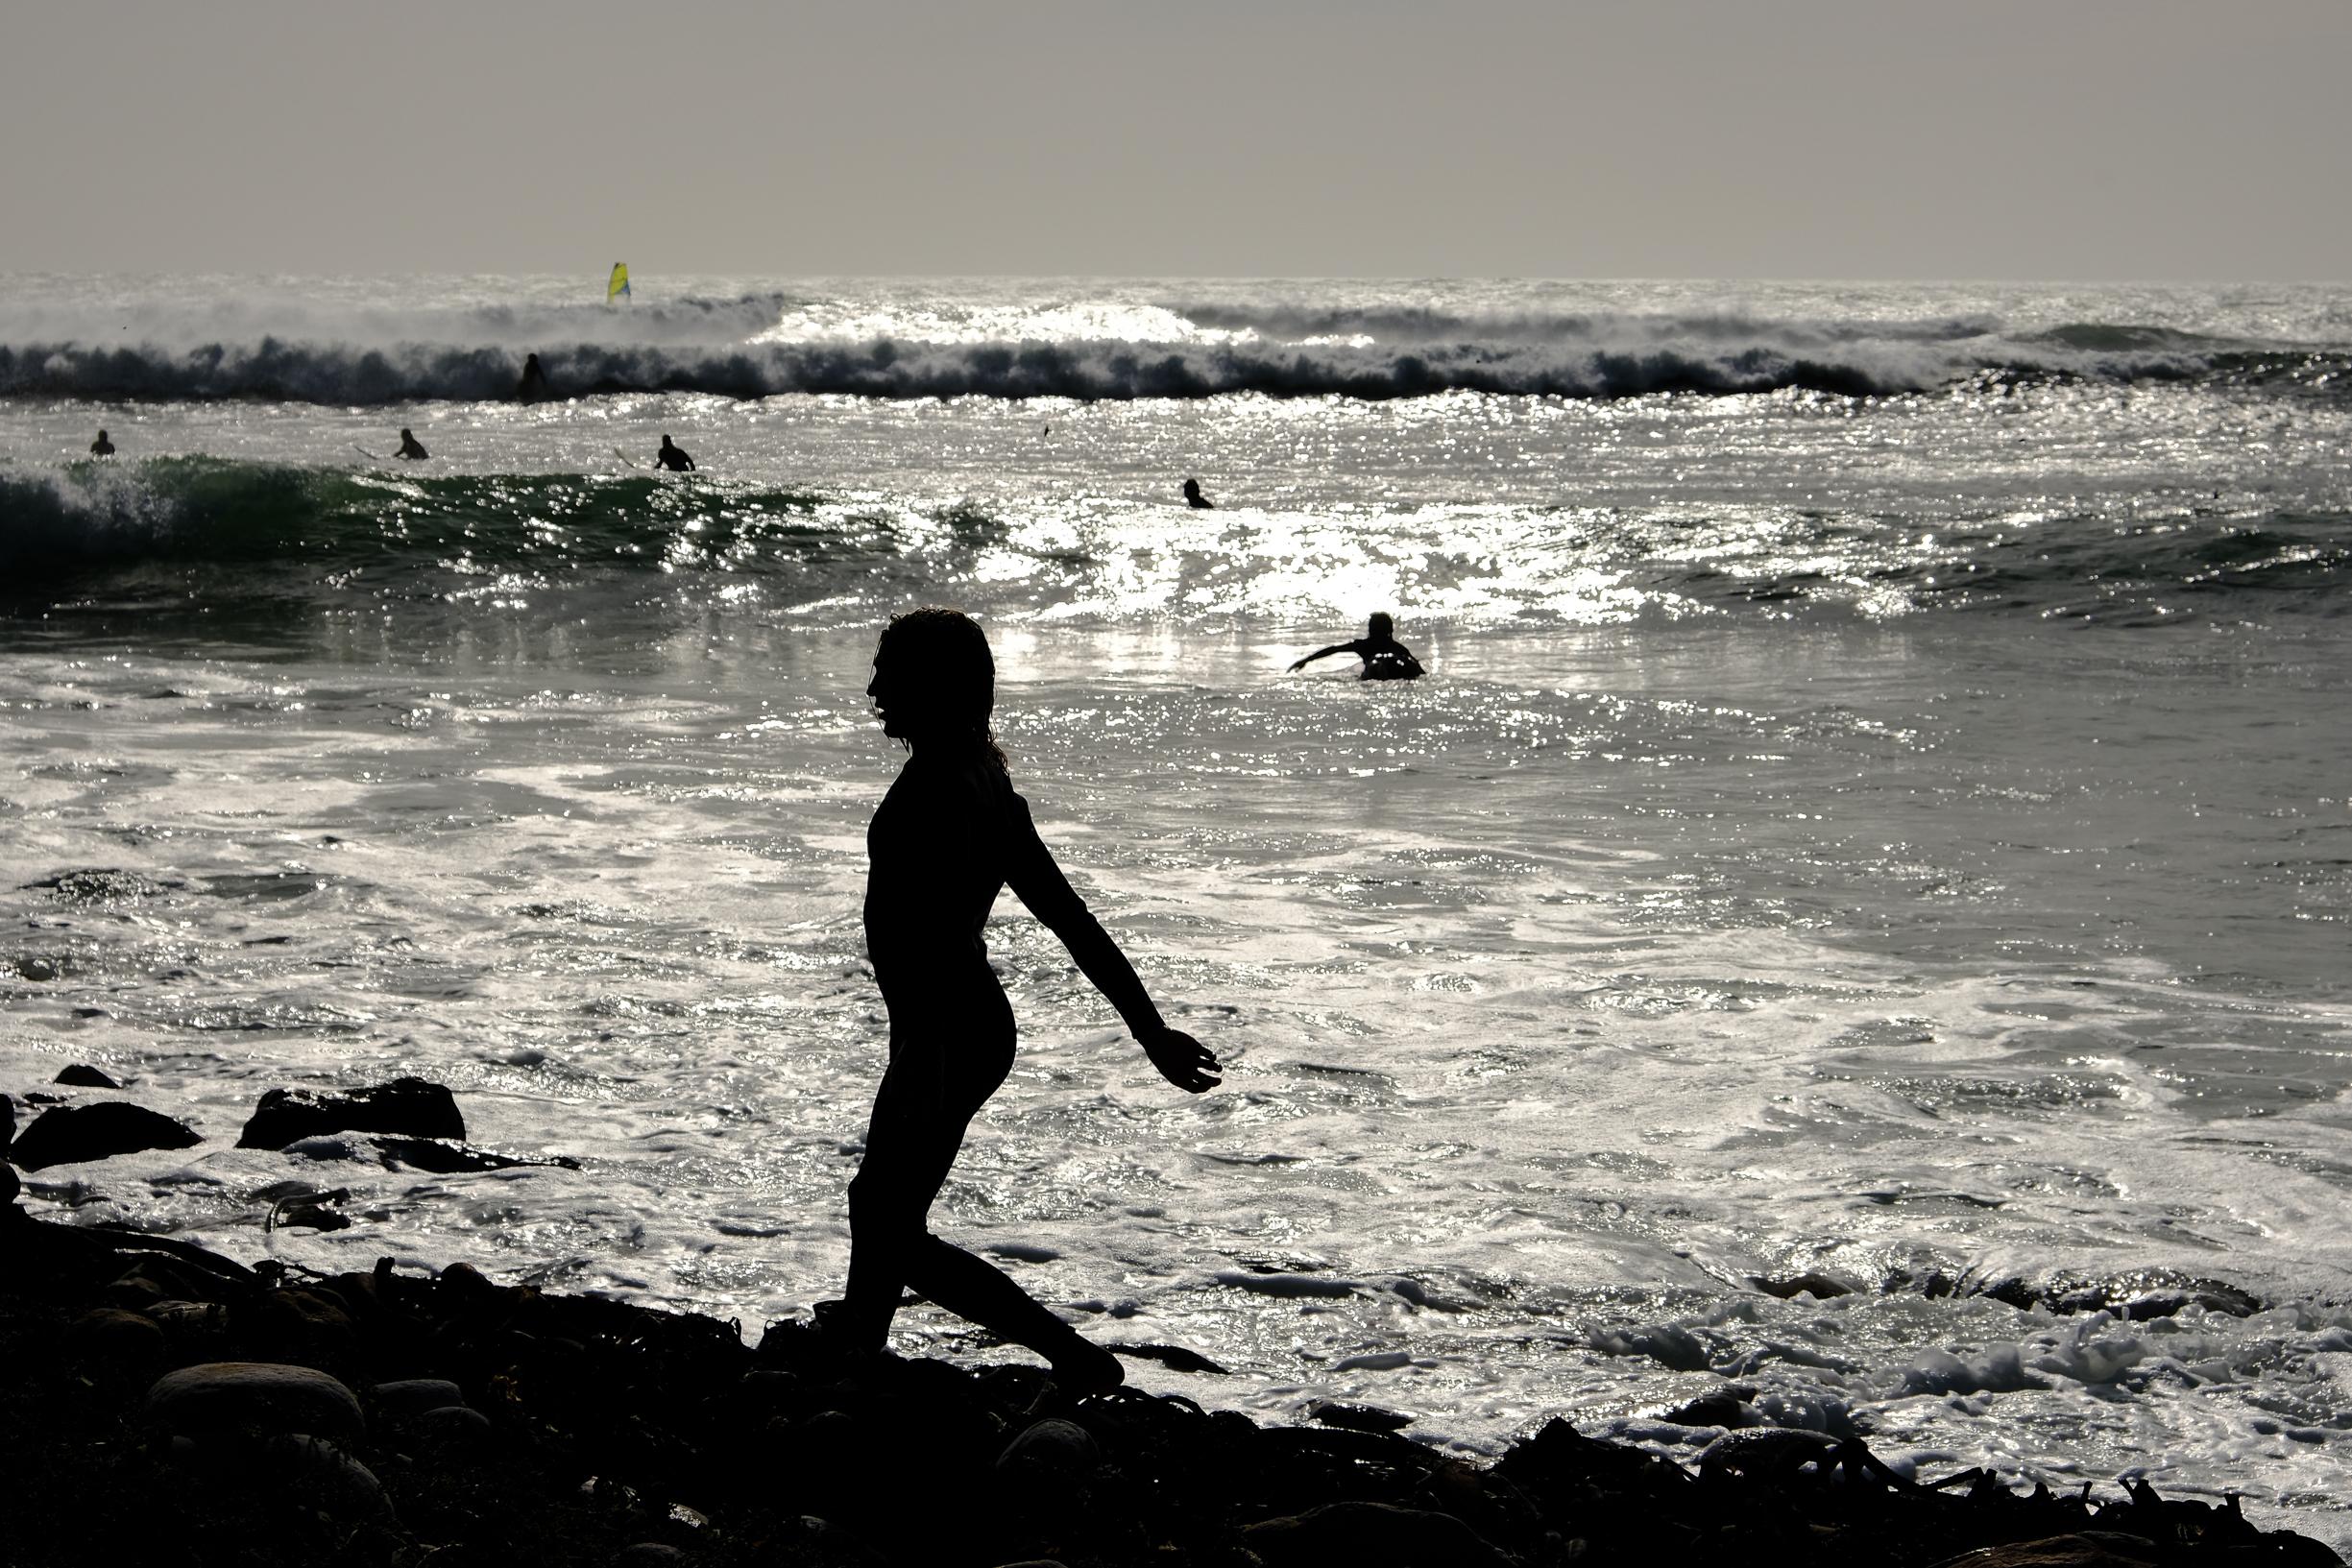 Surfer's silhouette Kommetjie